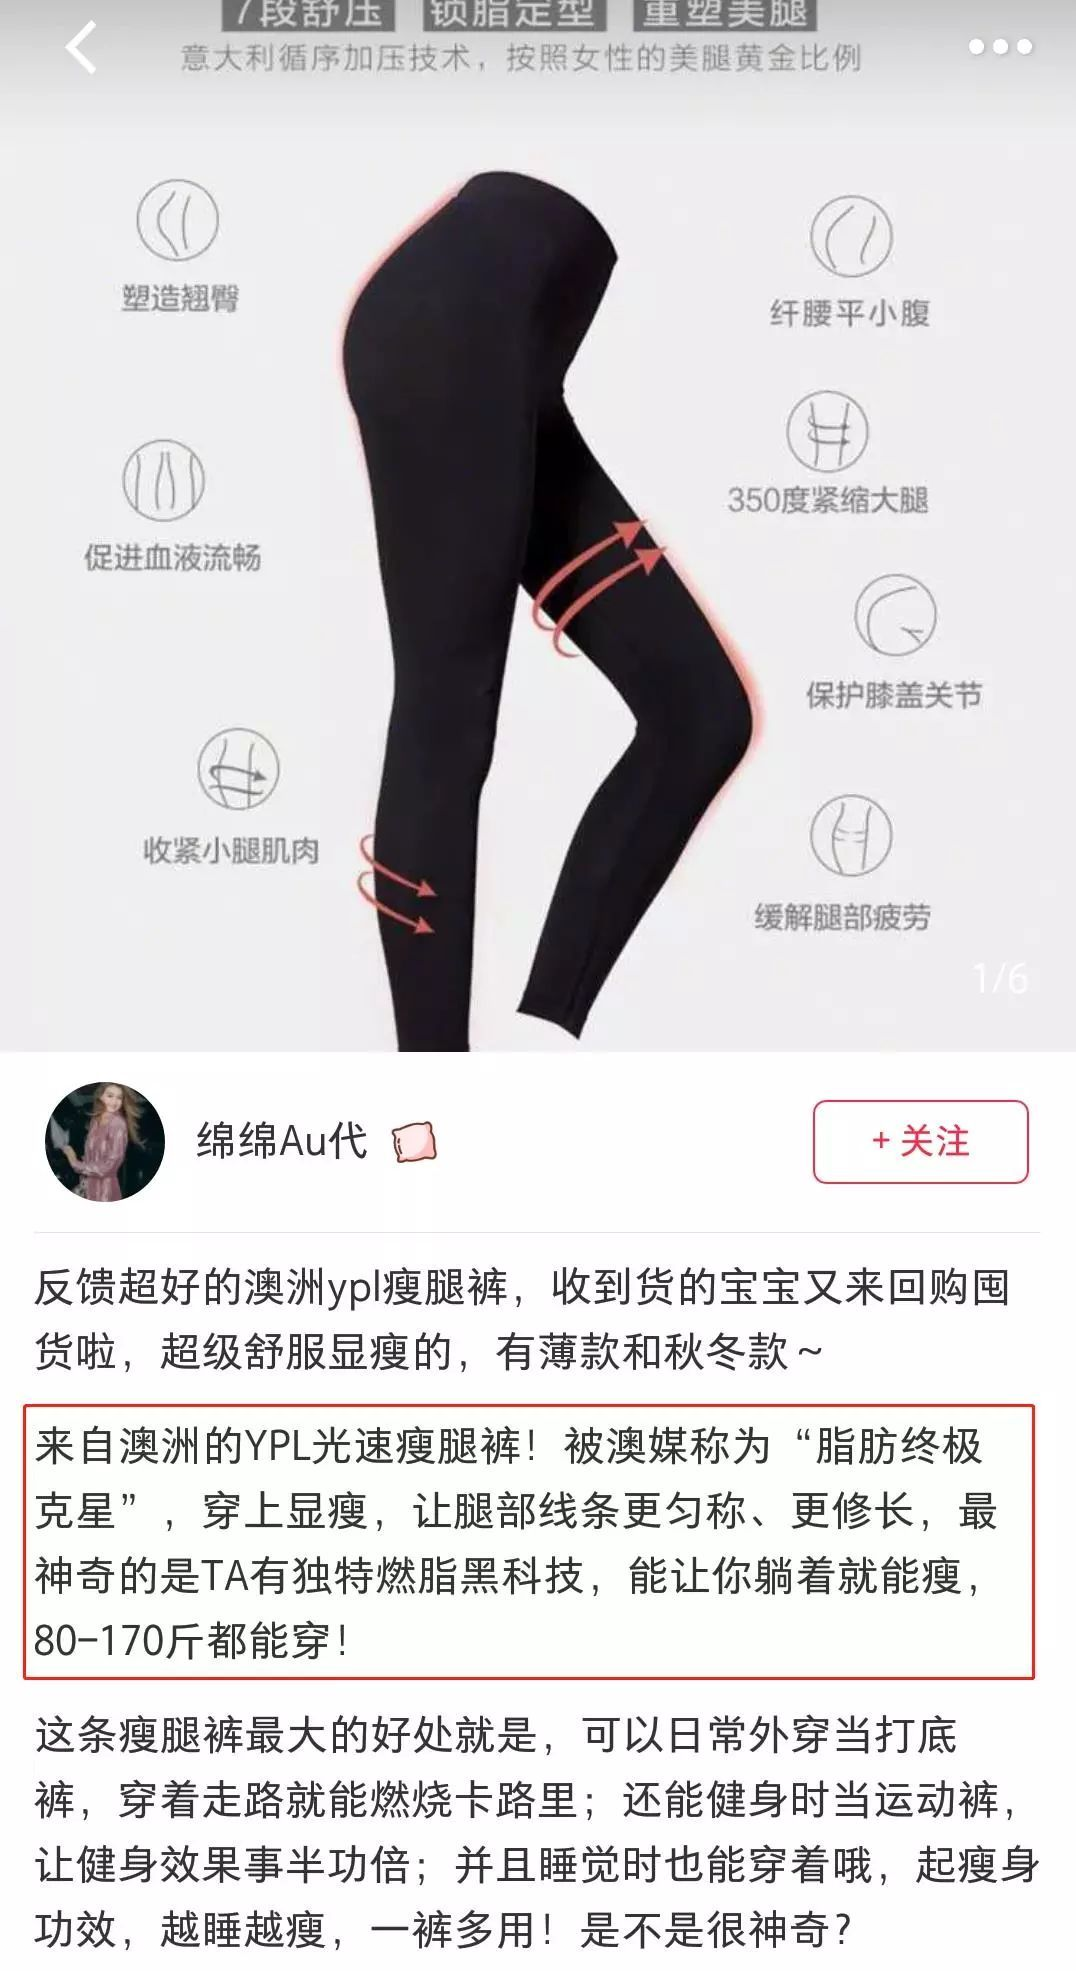 2019年瘦腿 排行榜_2019瘦腿精油十大品牌排行榜 瘦腿精油哪个牌子好 牌